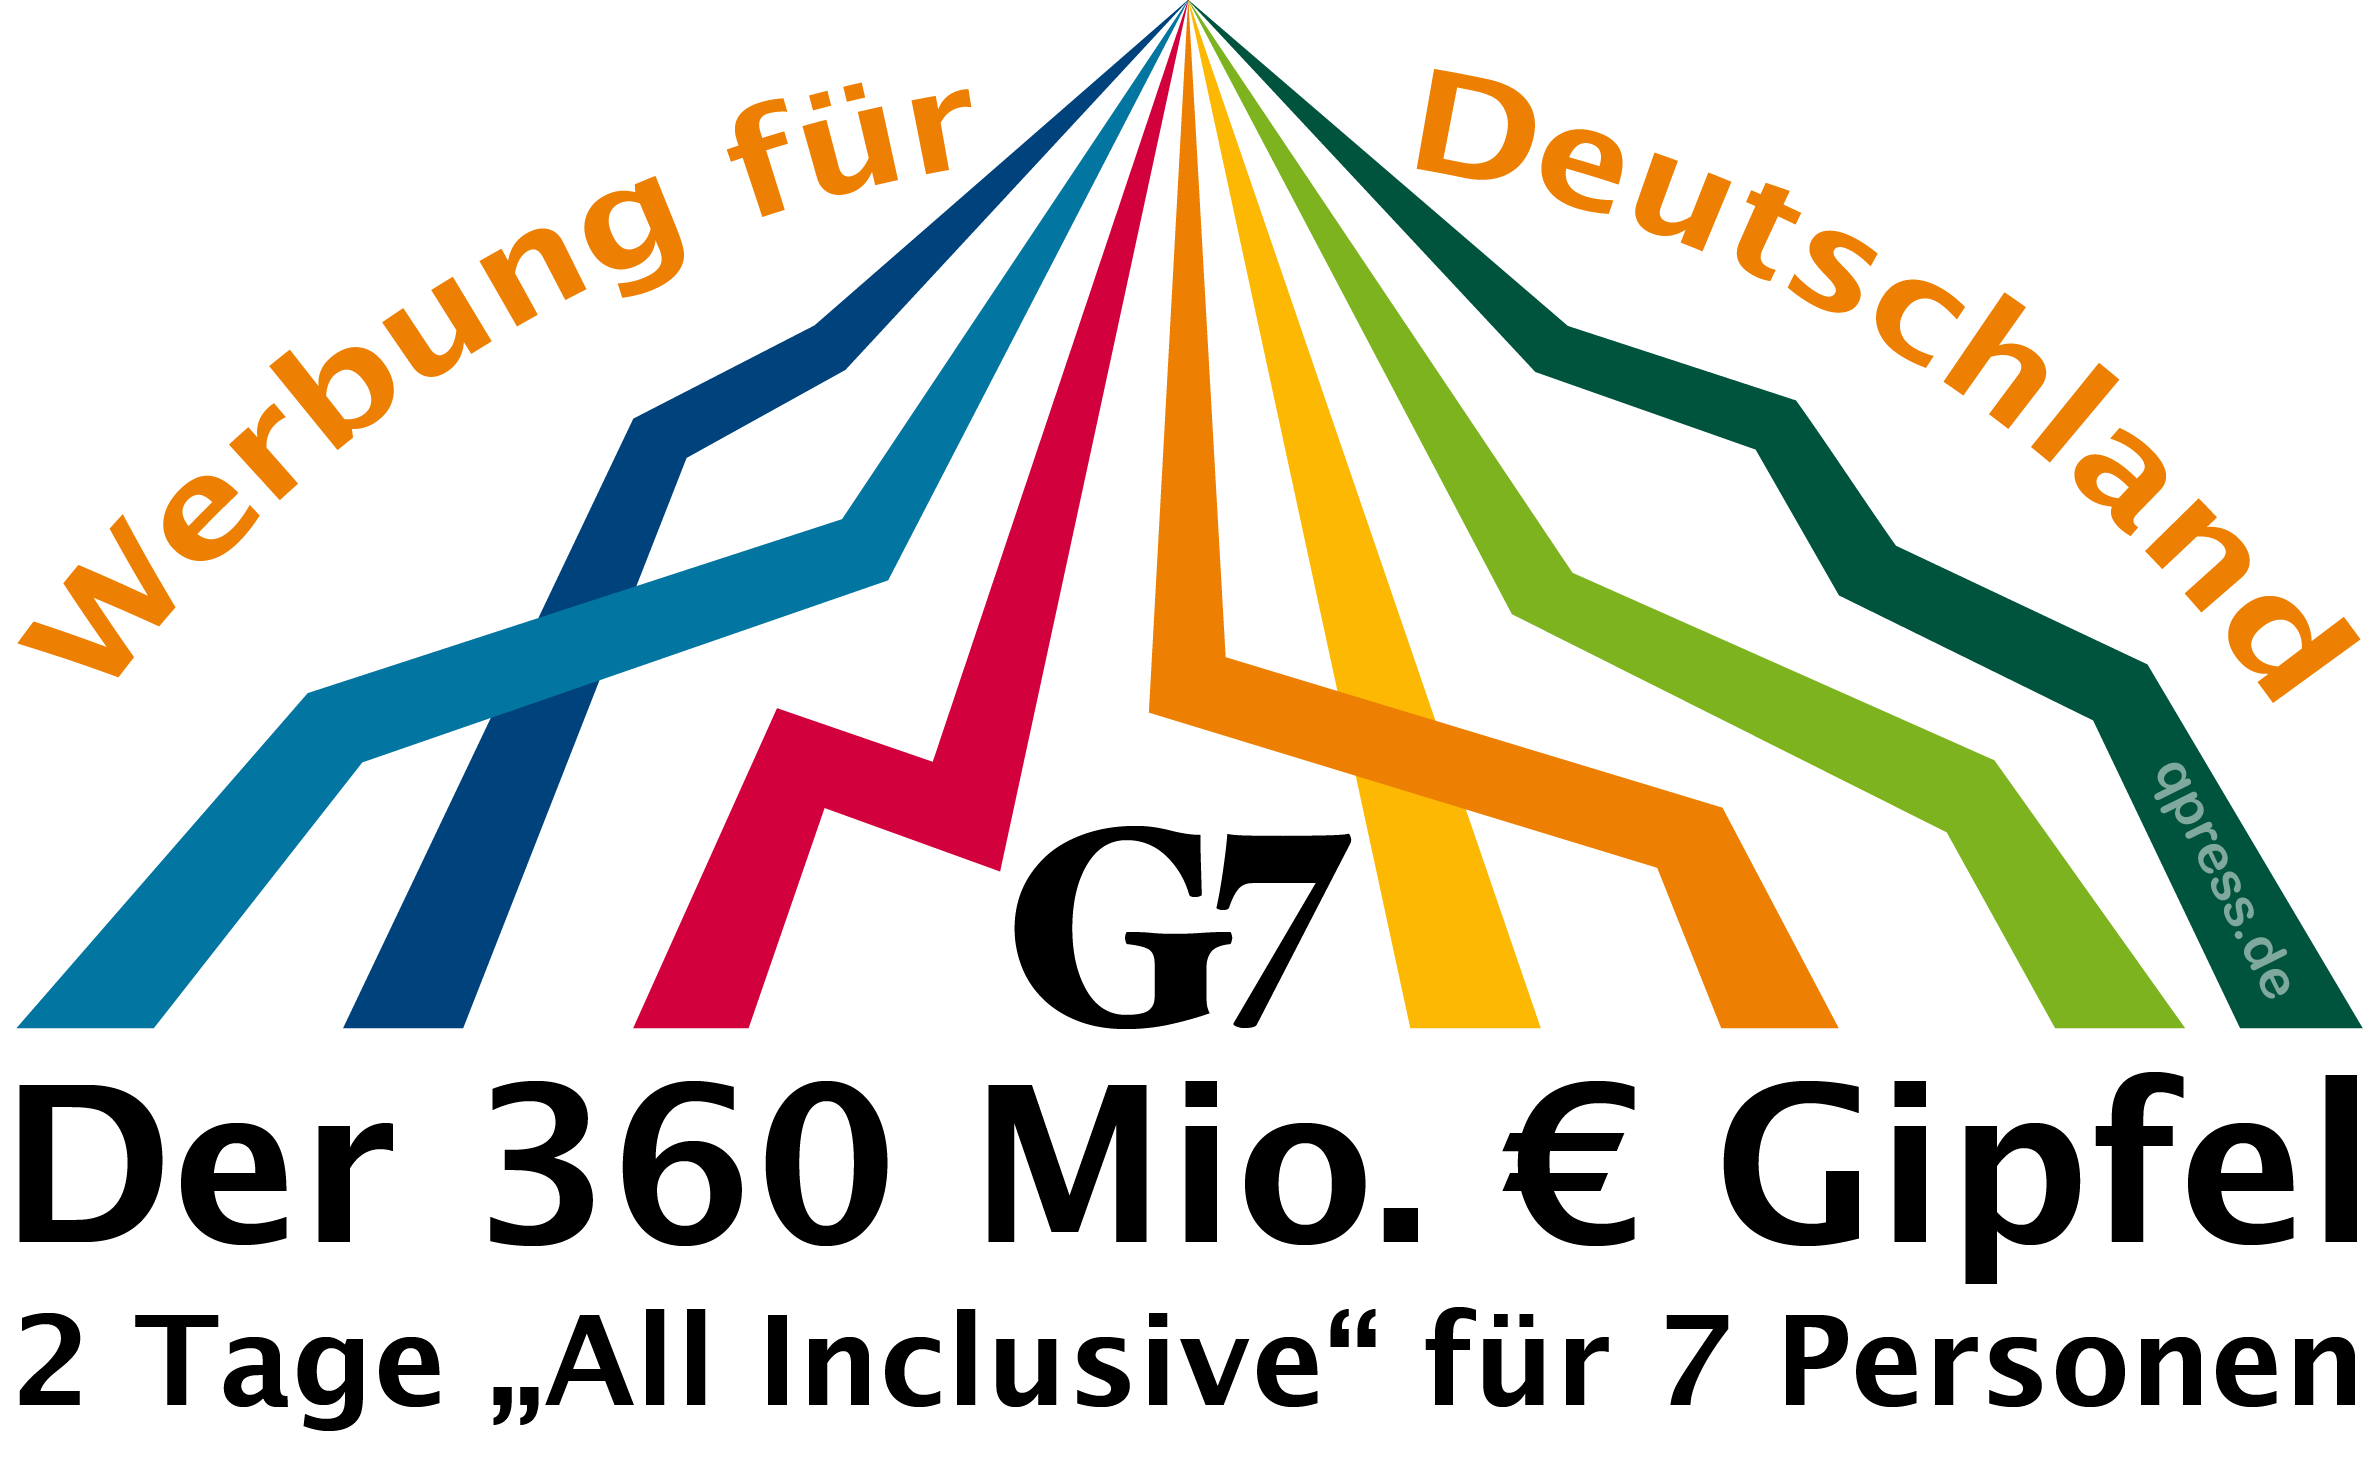 G7 Deutschland Elmau der 360 Mio Euro Gipfel 2 Tage All-Inclusive fuer 7 Personen